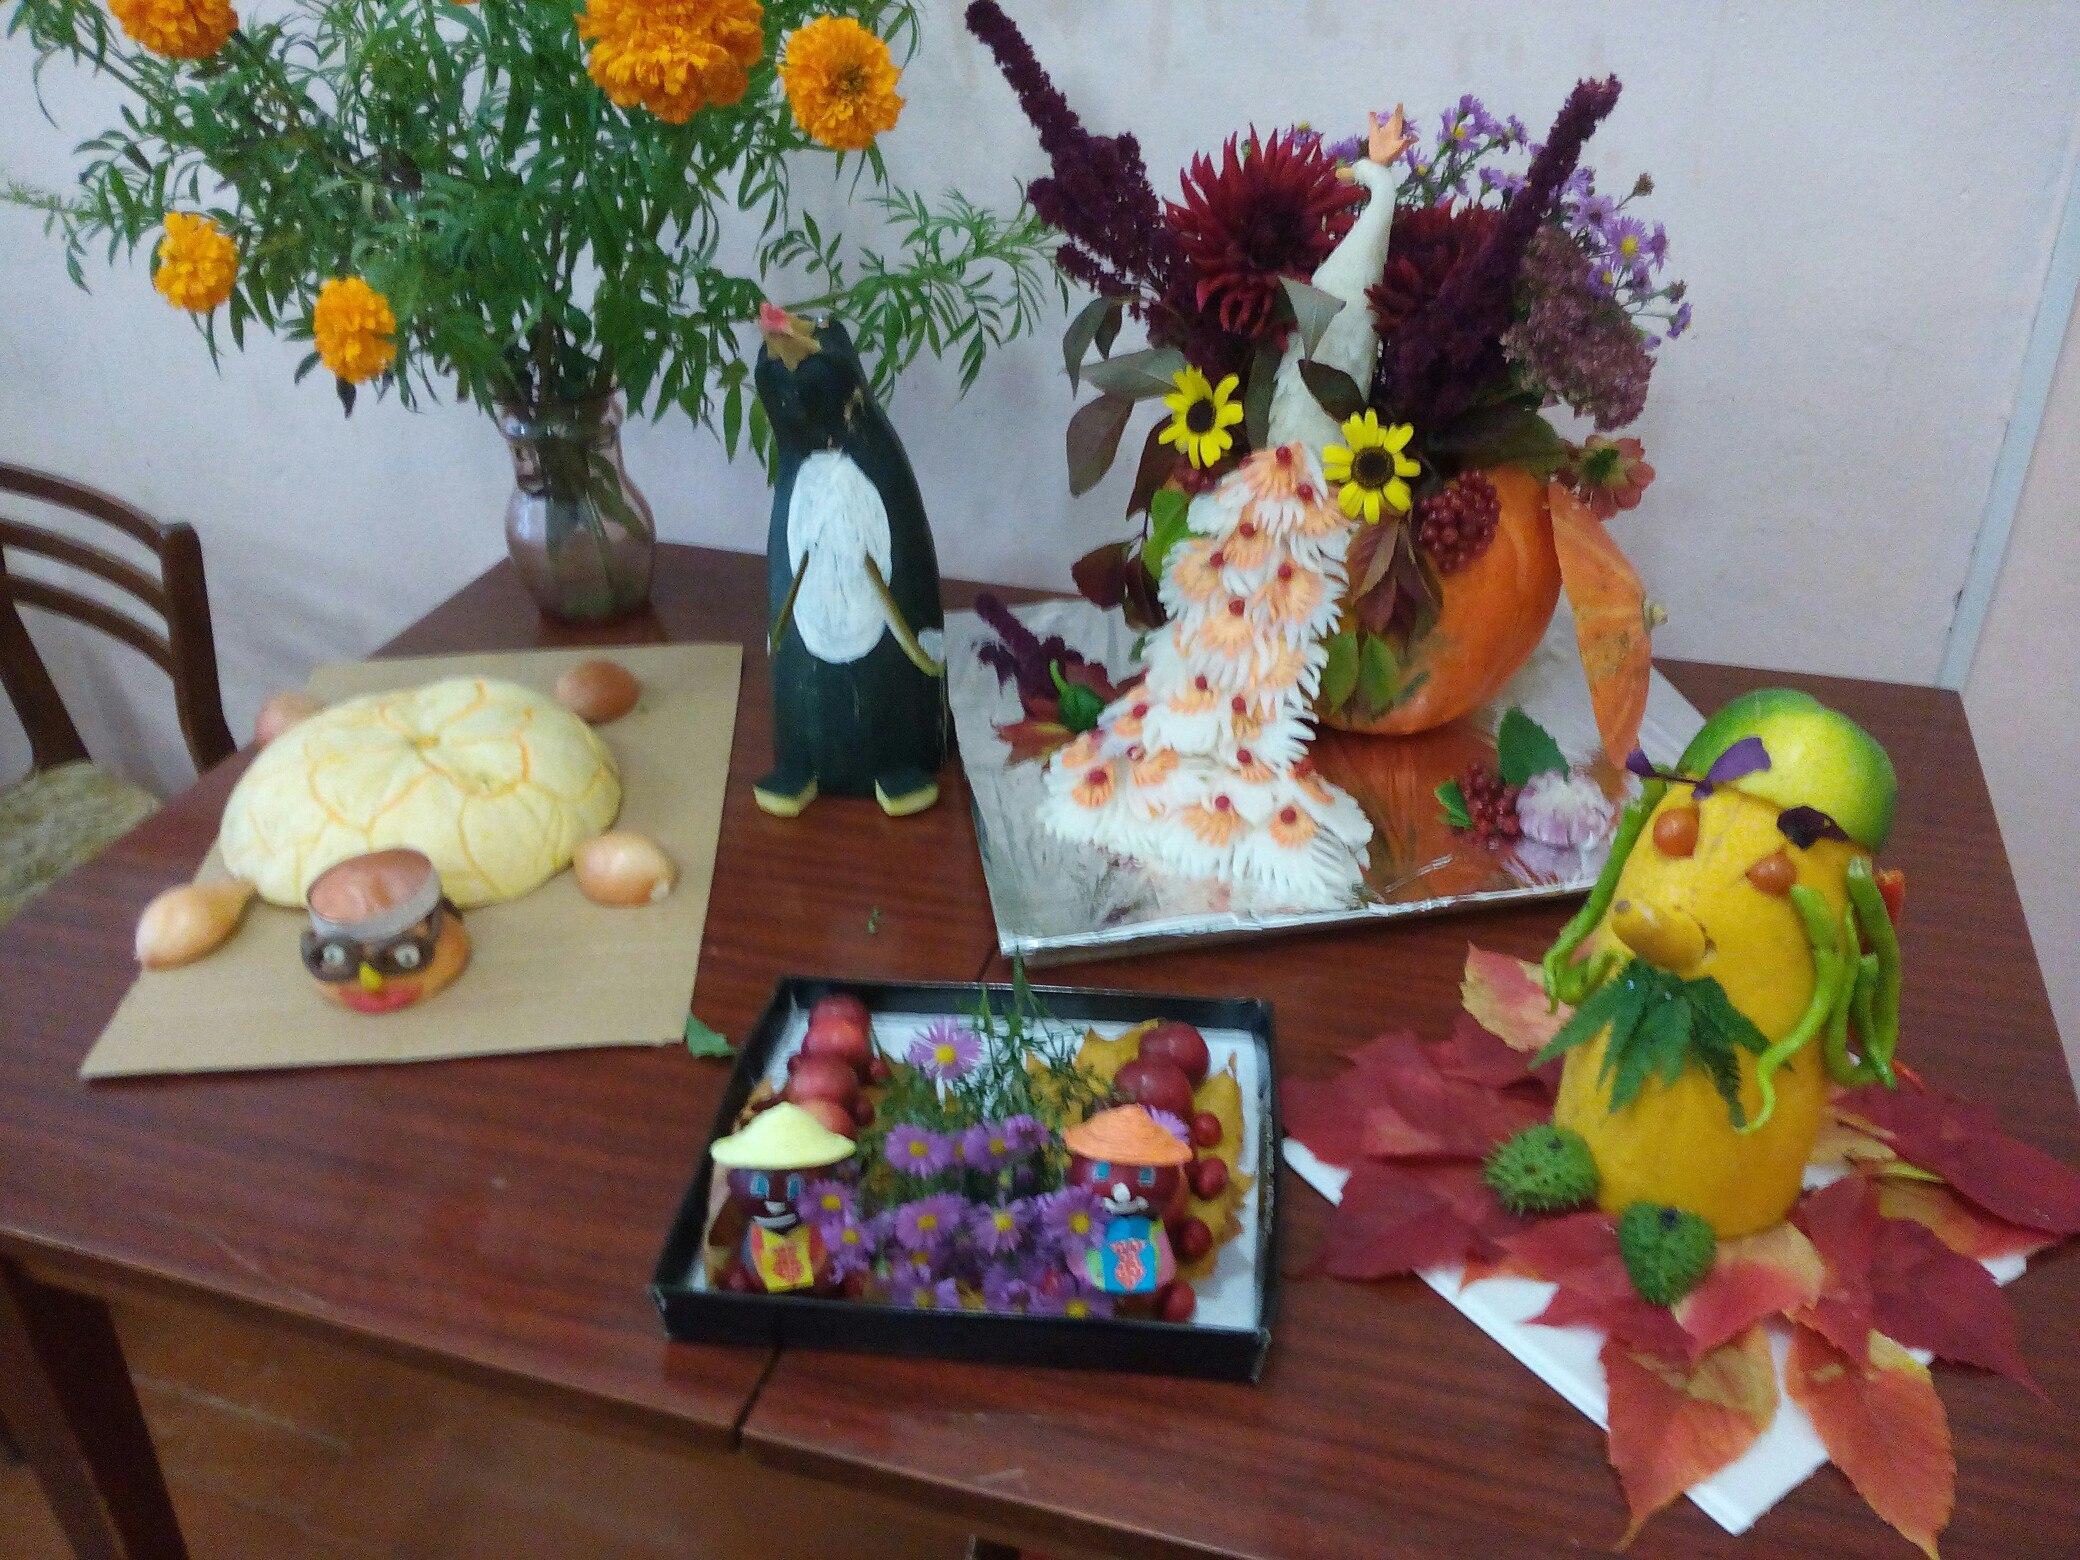 Фото выставки поделок из овощей